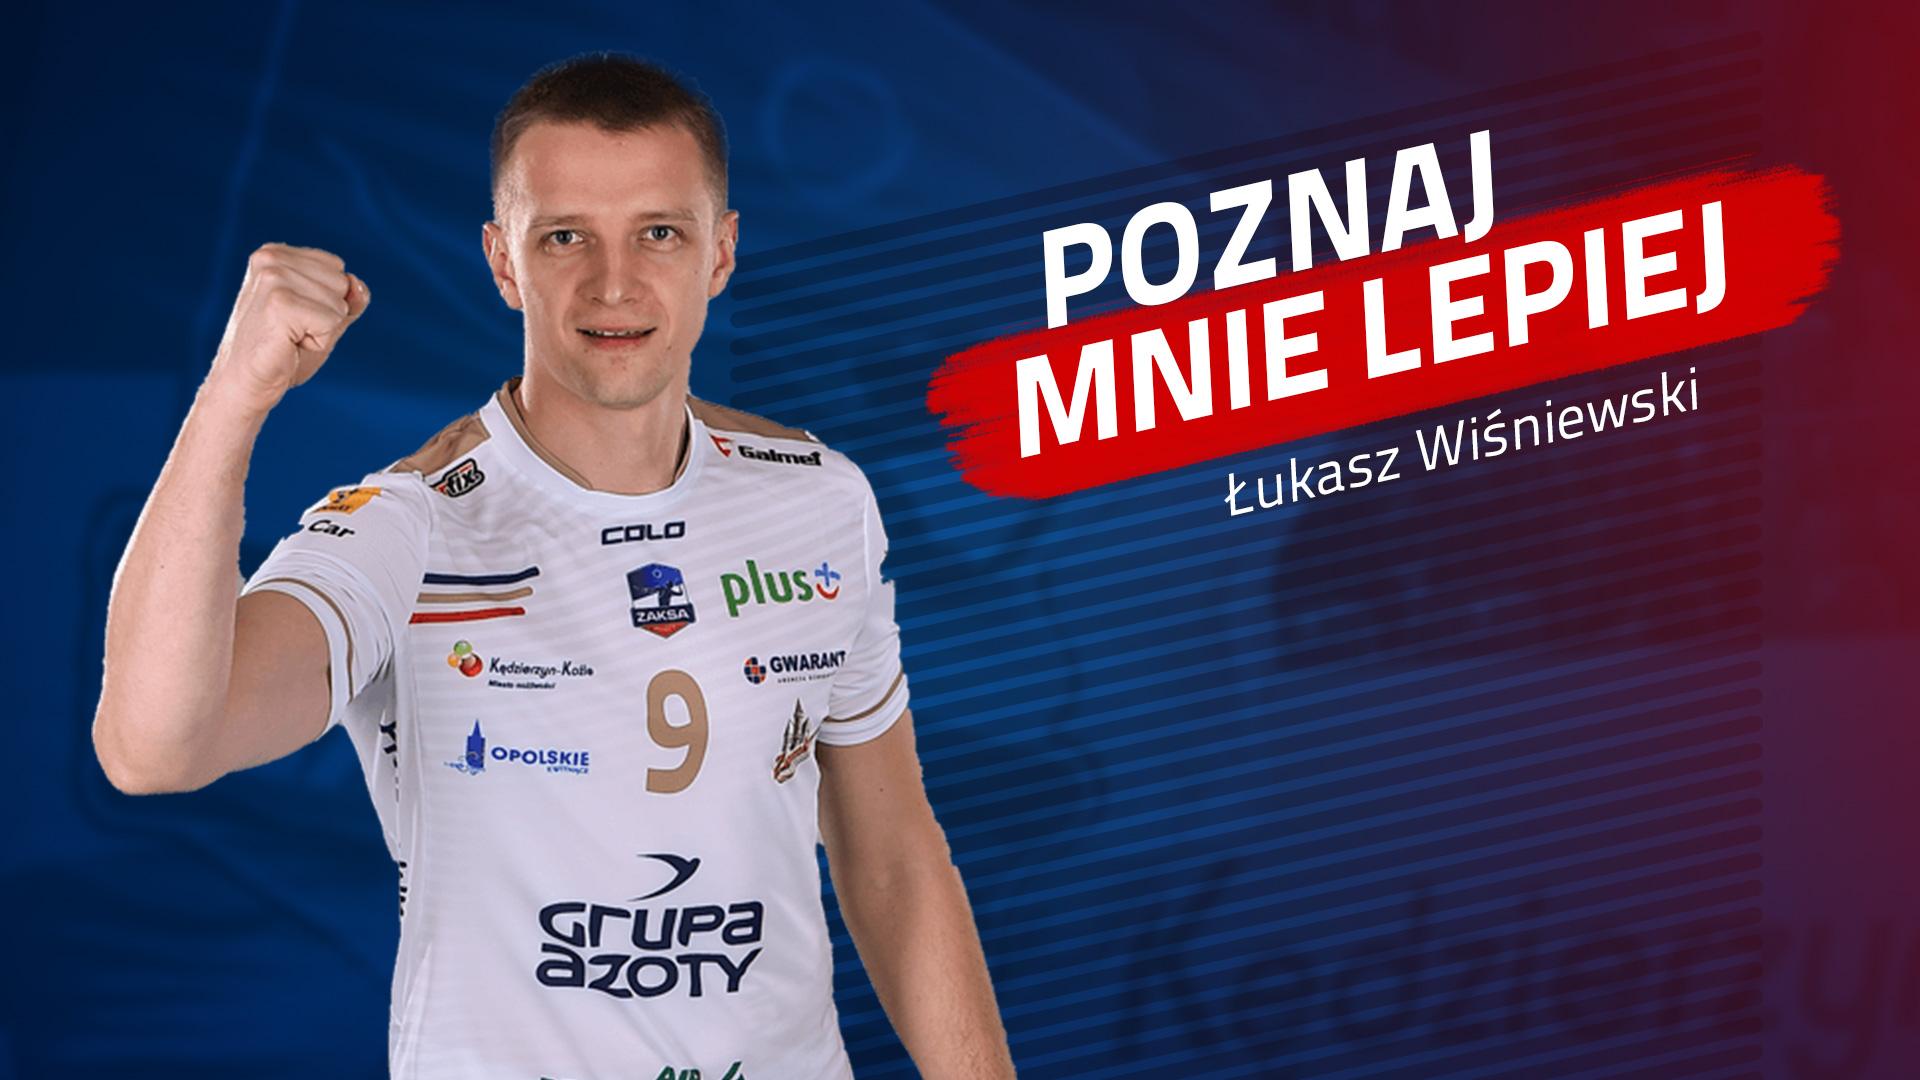 Poznaj mnie lepiej: Łukasz Wiśniewski